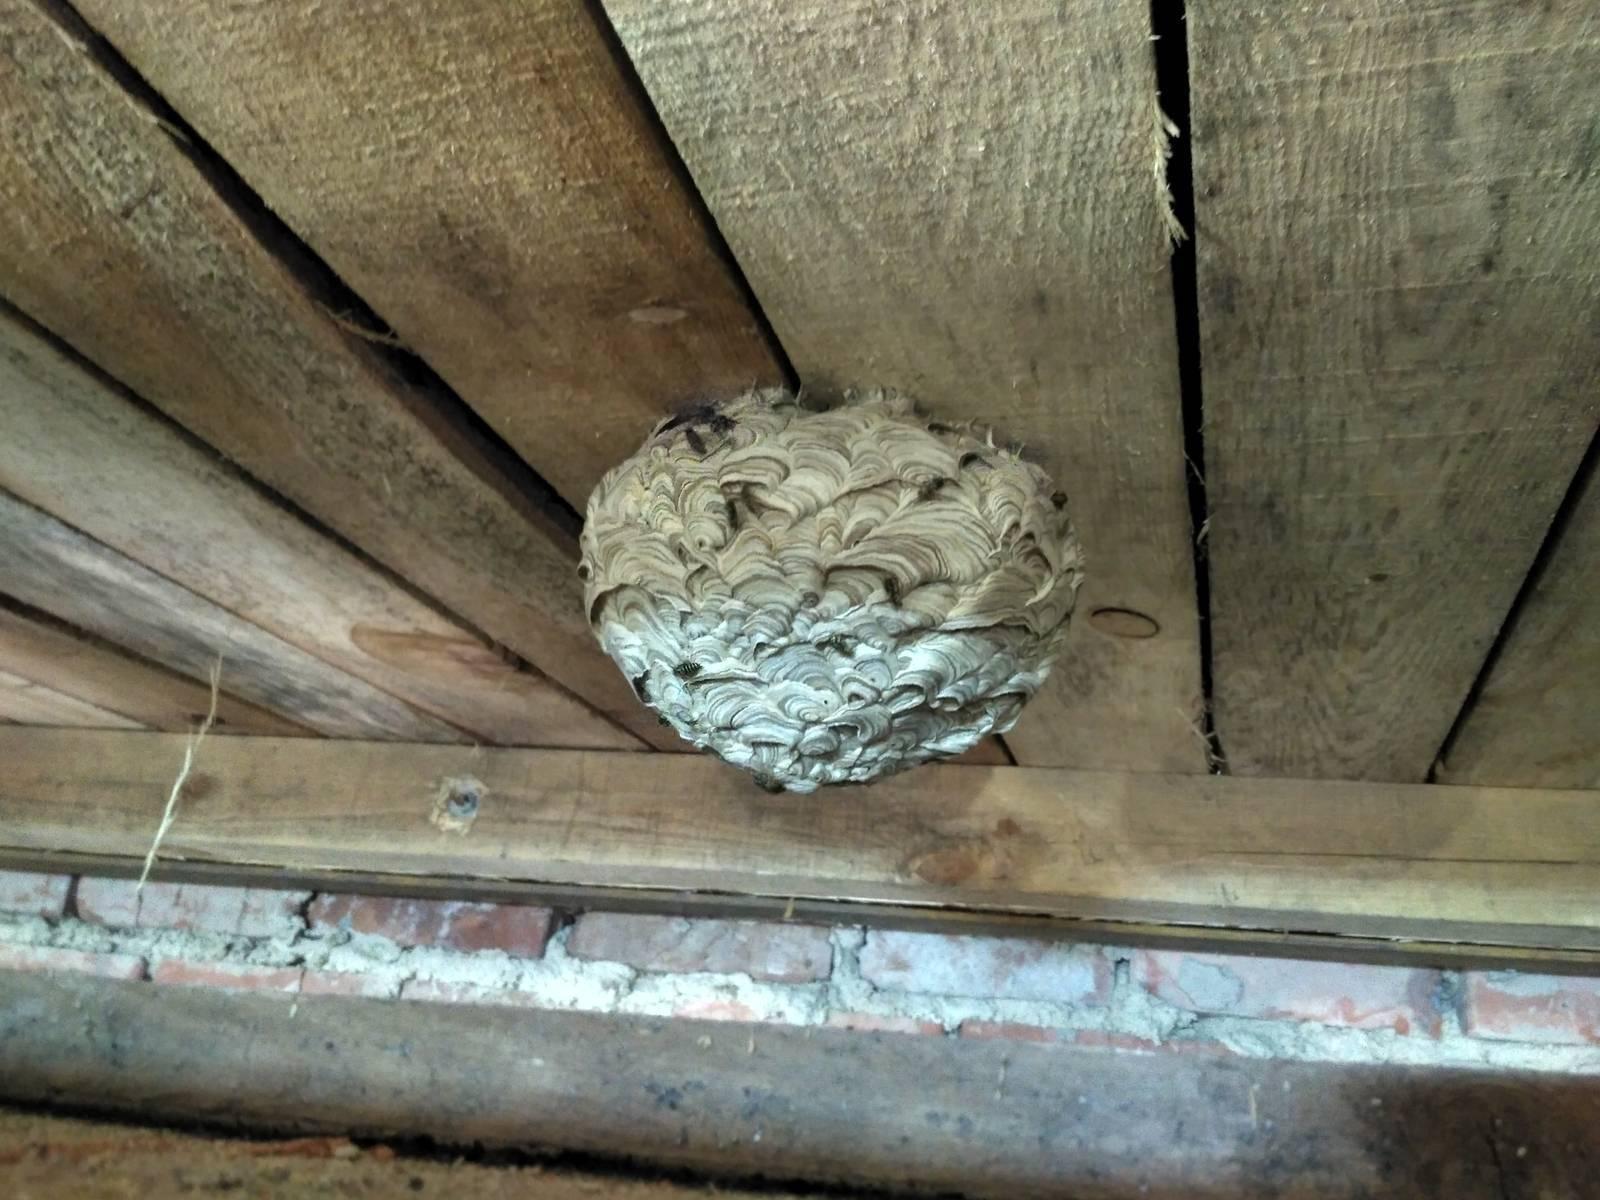 Как избавиться от осиного гнезда в труднодоступном месте